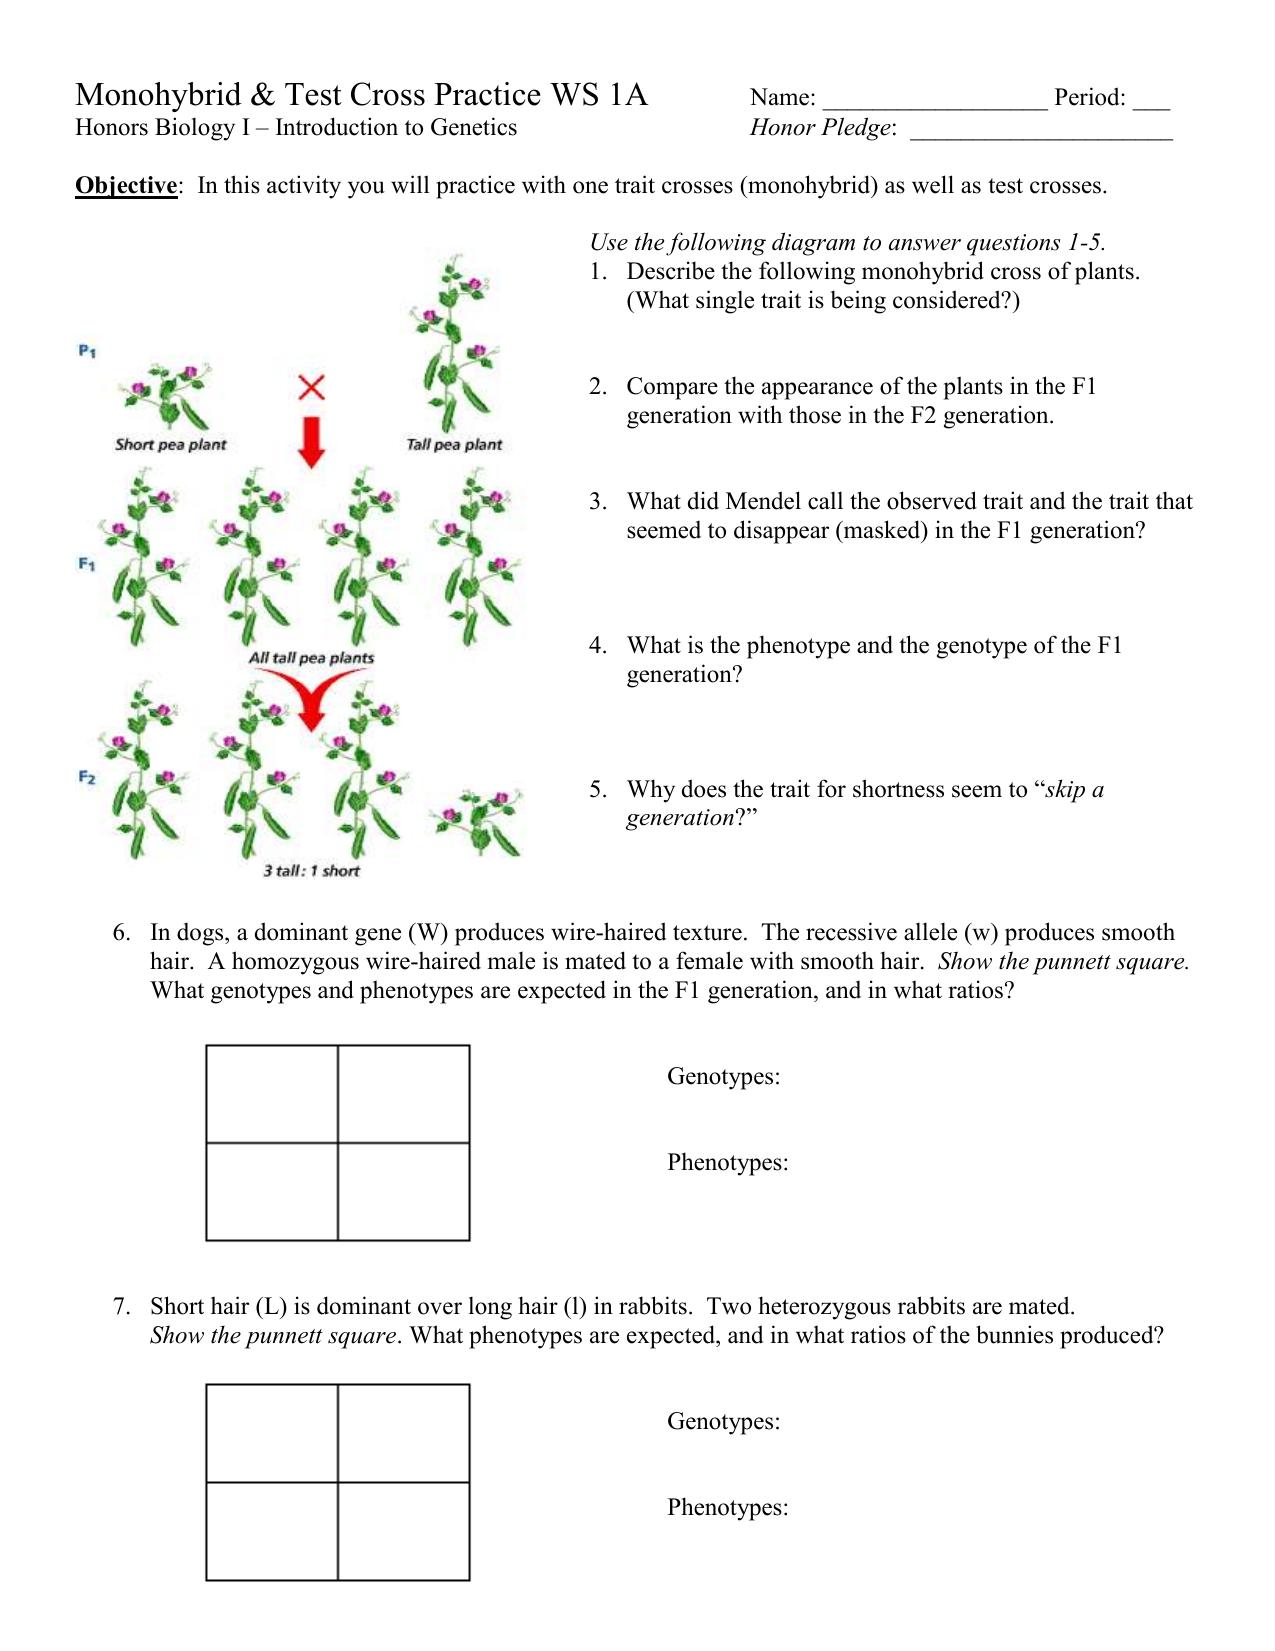 Monohybrid and Test Cross Practice